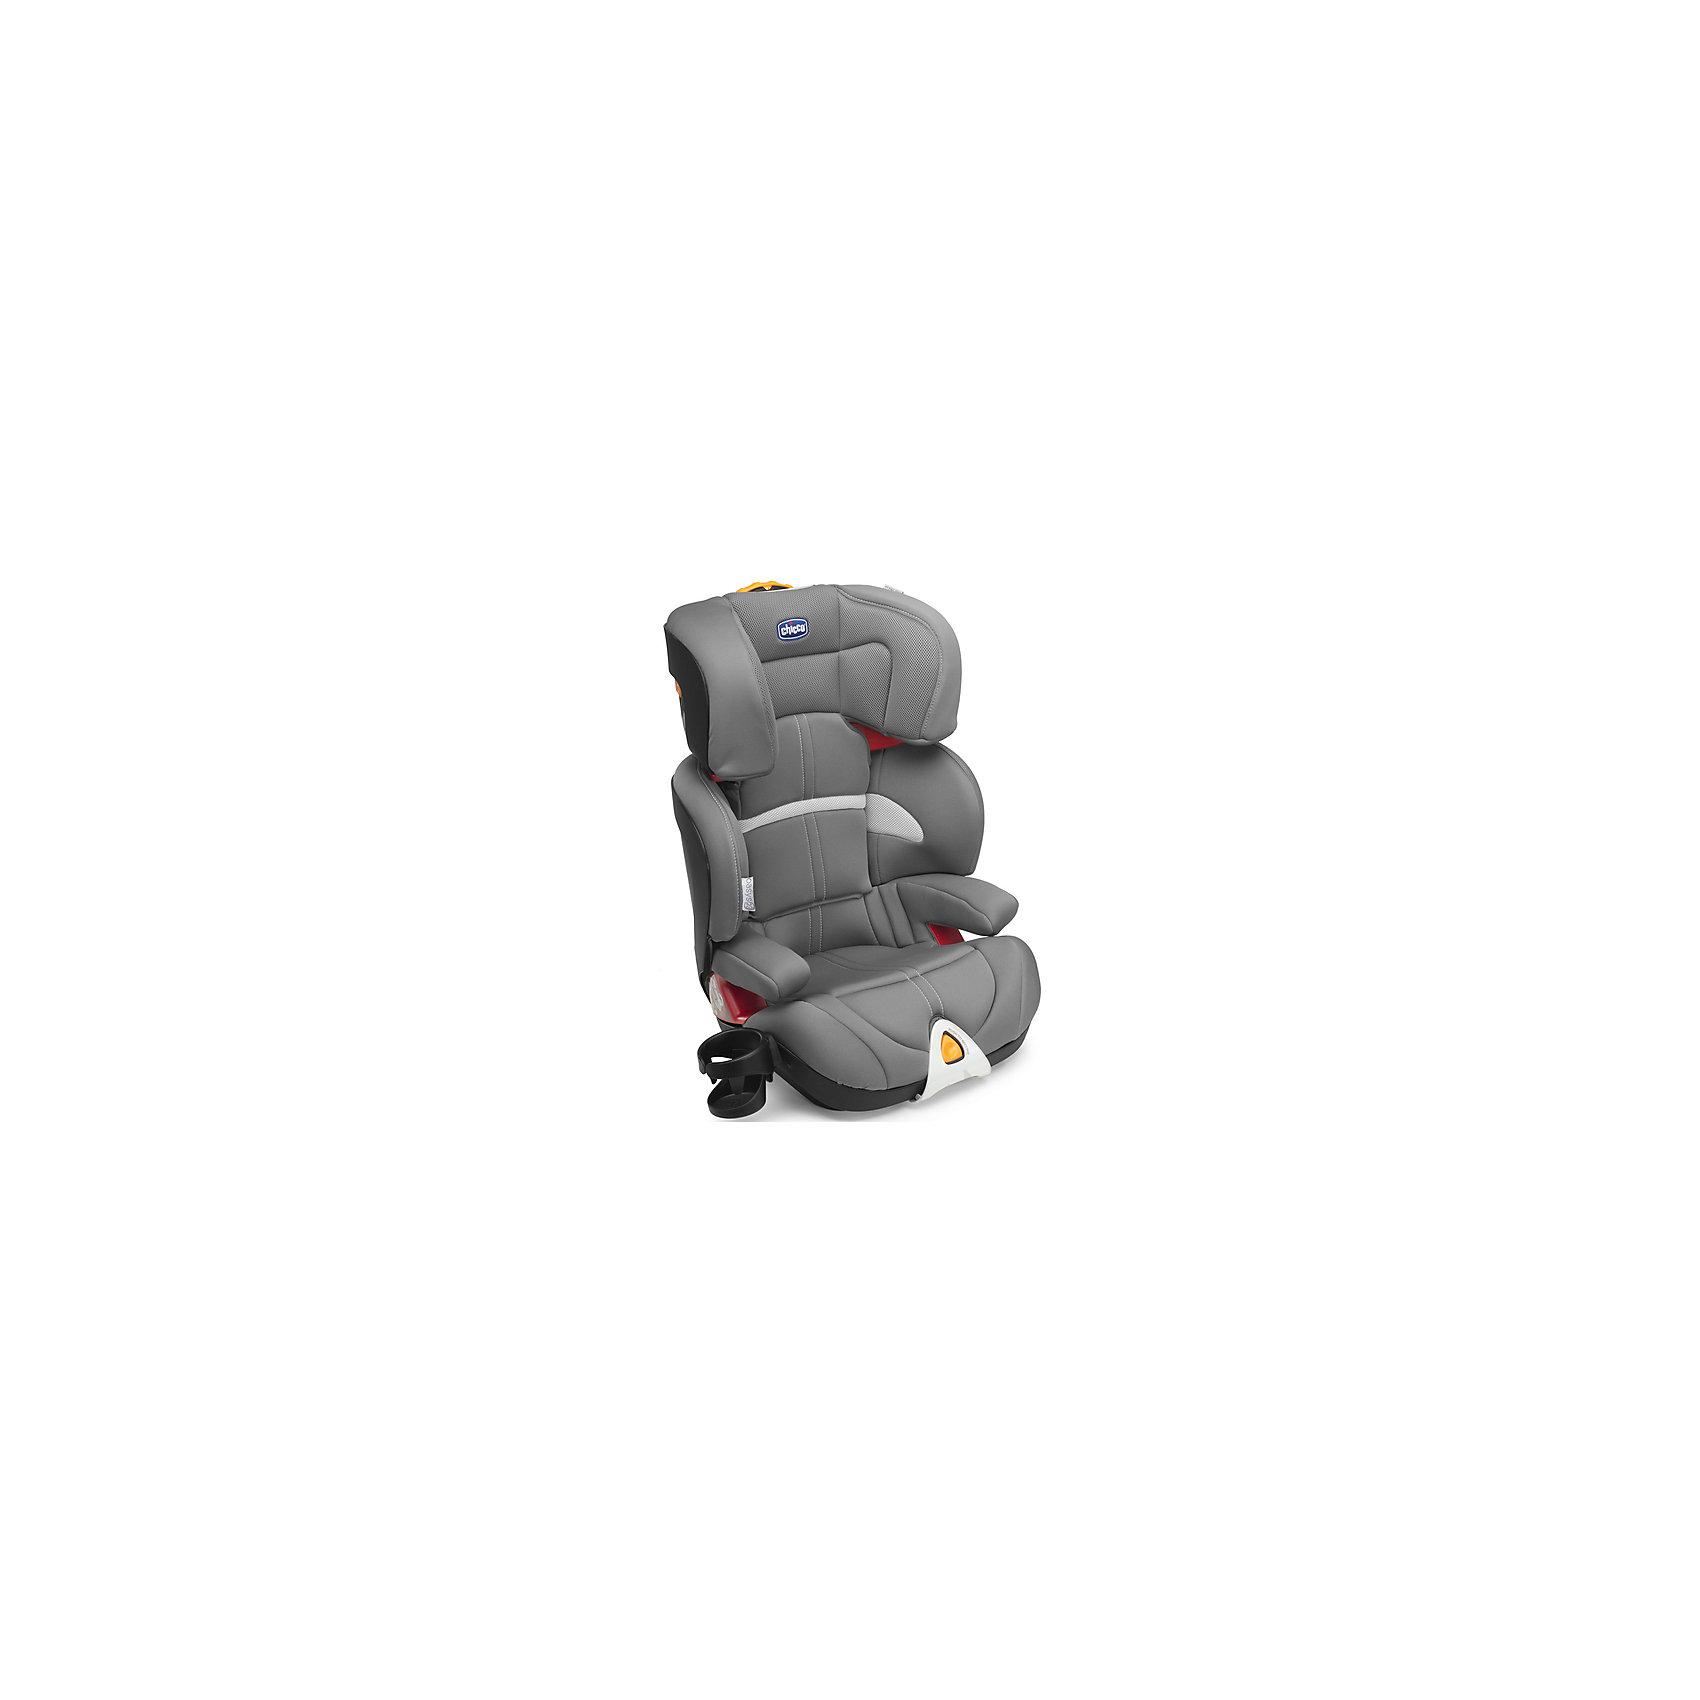 Автокресло OASYS 2-3, 15-36 кг., CHICCO, серыйЭто замечательное новое автокресло от Chicco, которое растет вместе с Вашим ребенком!<br>Кресло имеет отличную защиту от боковых ударов. Спинка и подголовник регулируются независимо друг от друга.<br><br>Особенности:<br>- Для детей от 3-х до 12 лет (от 15 до 36 кг.)<br>- Имеет 4 положения наклона;<br>- Специальная кнопка легко позволяет перевести спинку кресла в нужное положение;<br>- Кресло имеет отличные показатели по безопасности, хорошую боковую защиту от ударов;<br>- Подголовник кресла и спинка регулируются независимо друг от друга;<br>- Легко устанавливается;<br>- Есть подстаканник;<br>- Чехол из воздухопроницаемой ткани легко снимается и стирается;<br>- В кресле обеспечивается хорошая вентиляция, ребенок не потеет;<br>- Ребенок фиксируется в кресле штатным ремнем безопасности автомобиля;<br>- Отвечает Европейским стандартам качества ECE R44/04<br>- Кресло крепится в автомобиле с помощью штатных ремней безопасности автомобиля.<br><br>Дополнительная информация:<br><br>- Цвет: Серый.<br>- Вес ребенка: до 36 кг.<br>- Материал: металл, текстиль, пластик.<br>- Размер автокресла 44 x 66/84 x 42 см.<br>- Вес в упаковке: 7,8 кг.<br><br>Купить автокресло OASYS 2-3 CHICCO в сером цвете, можно в нашем магазине.<br><br>Ширина мм: 460<br>Глубина мм: 430<br>Высота мм: 750<br>Вес г: 7145<br>Возраст от месяцев: 36<br>Возраст до месяцев: 144<br>Пол: Унисекс<br>Возраст: Детский<br>SKU: 4751872